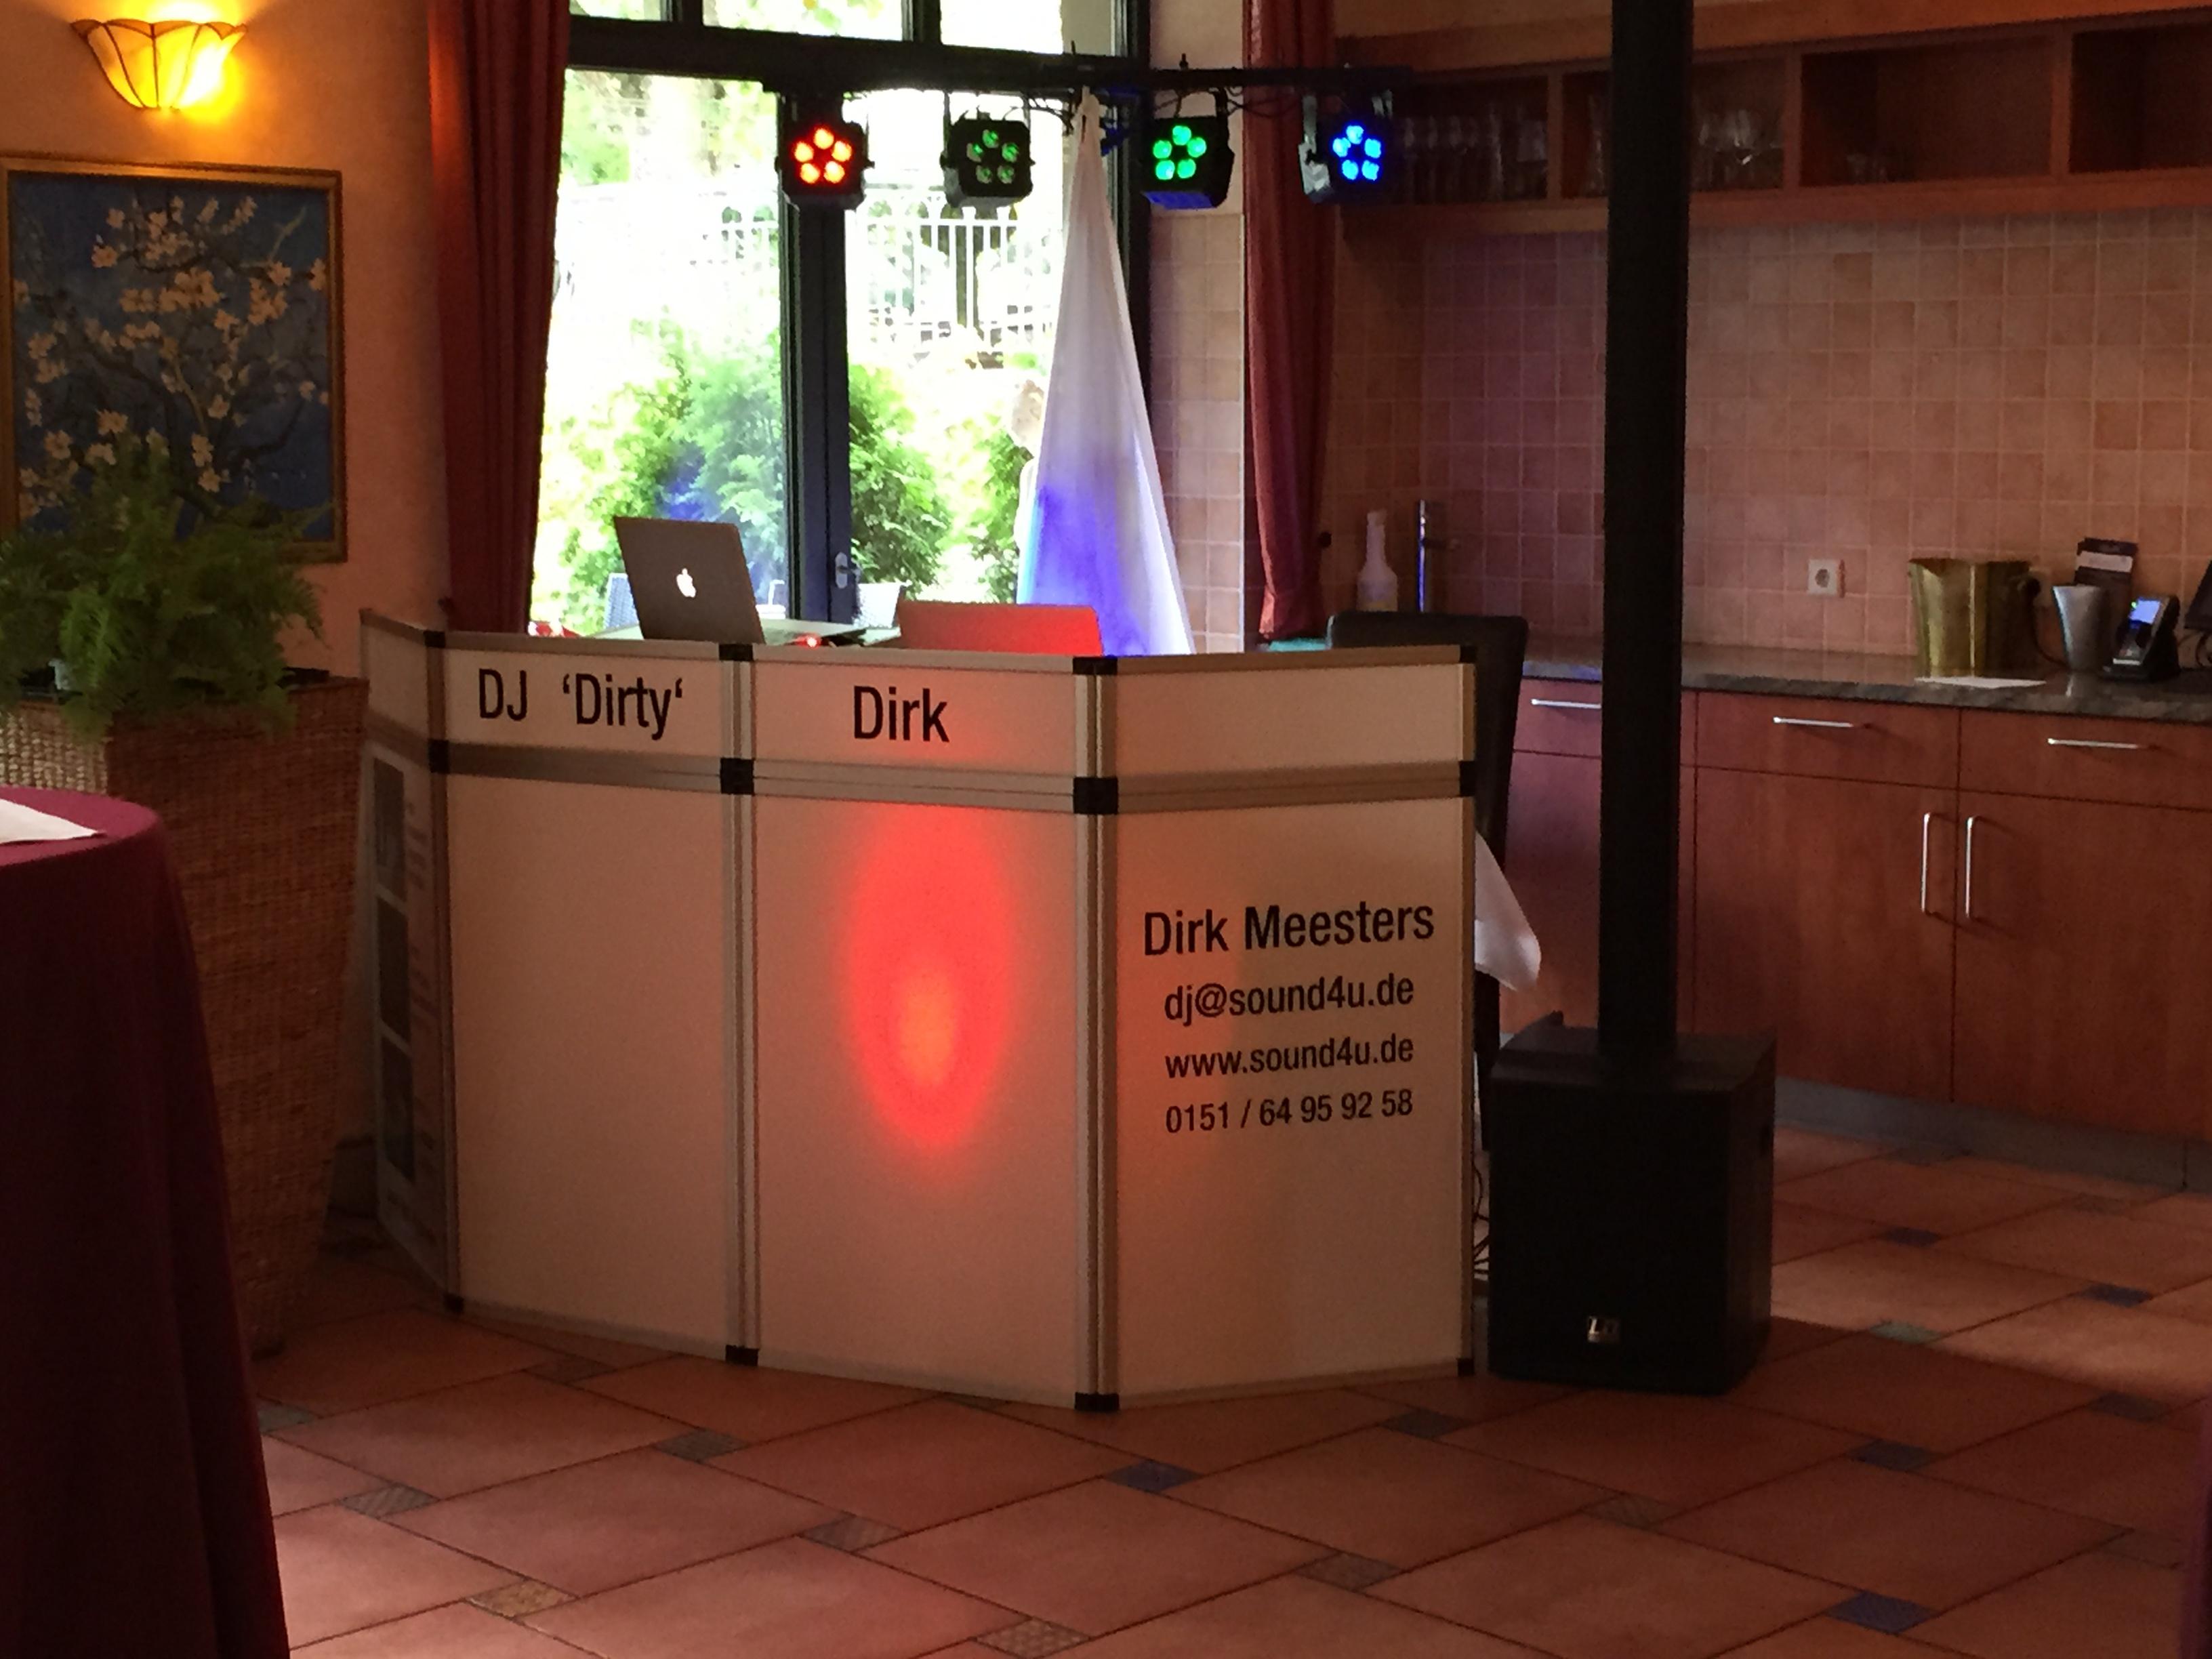 Waldhotel Rheinbach - Carsten Westercamp - Geburtstag - 2016 09 05 - 09